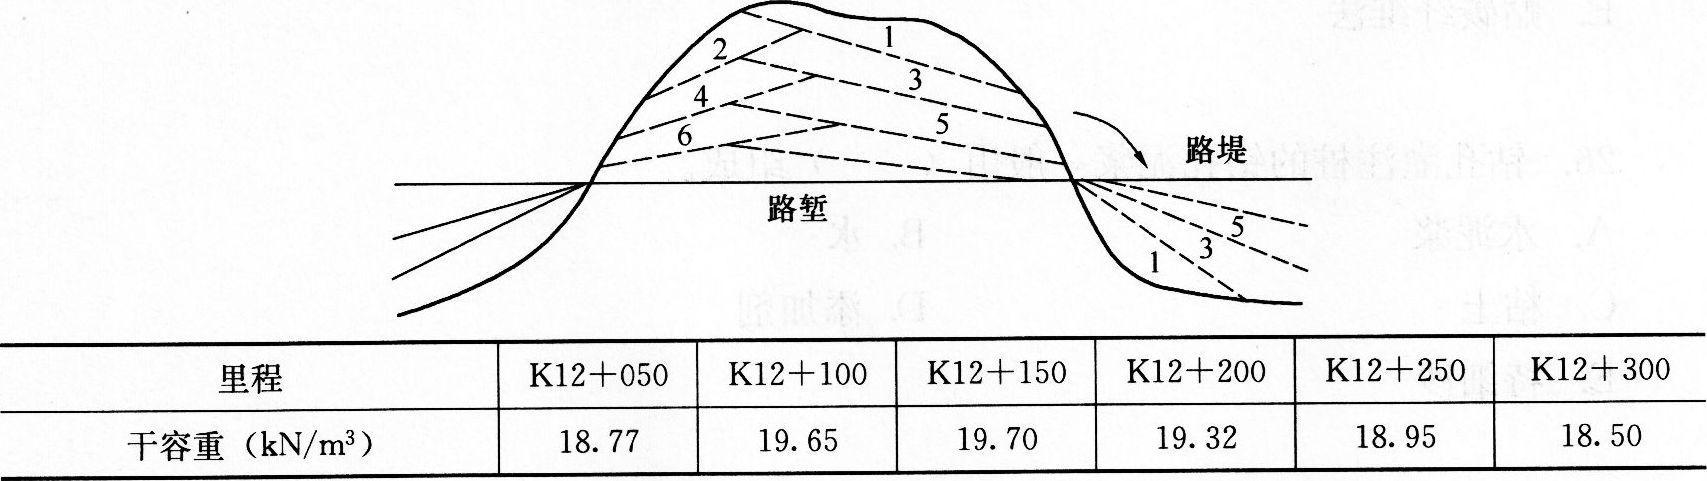 中间为路堑,两端为路堤,路堤高度4m左右,推土机开挖土质路堑作业方法